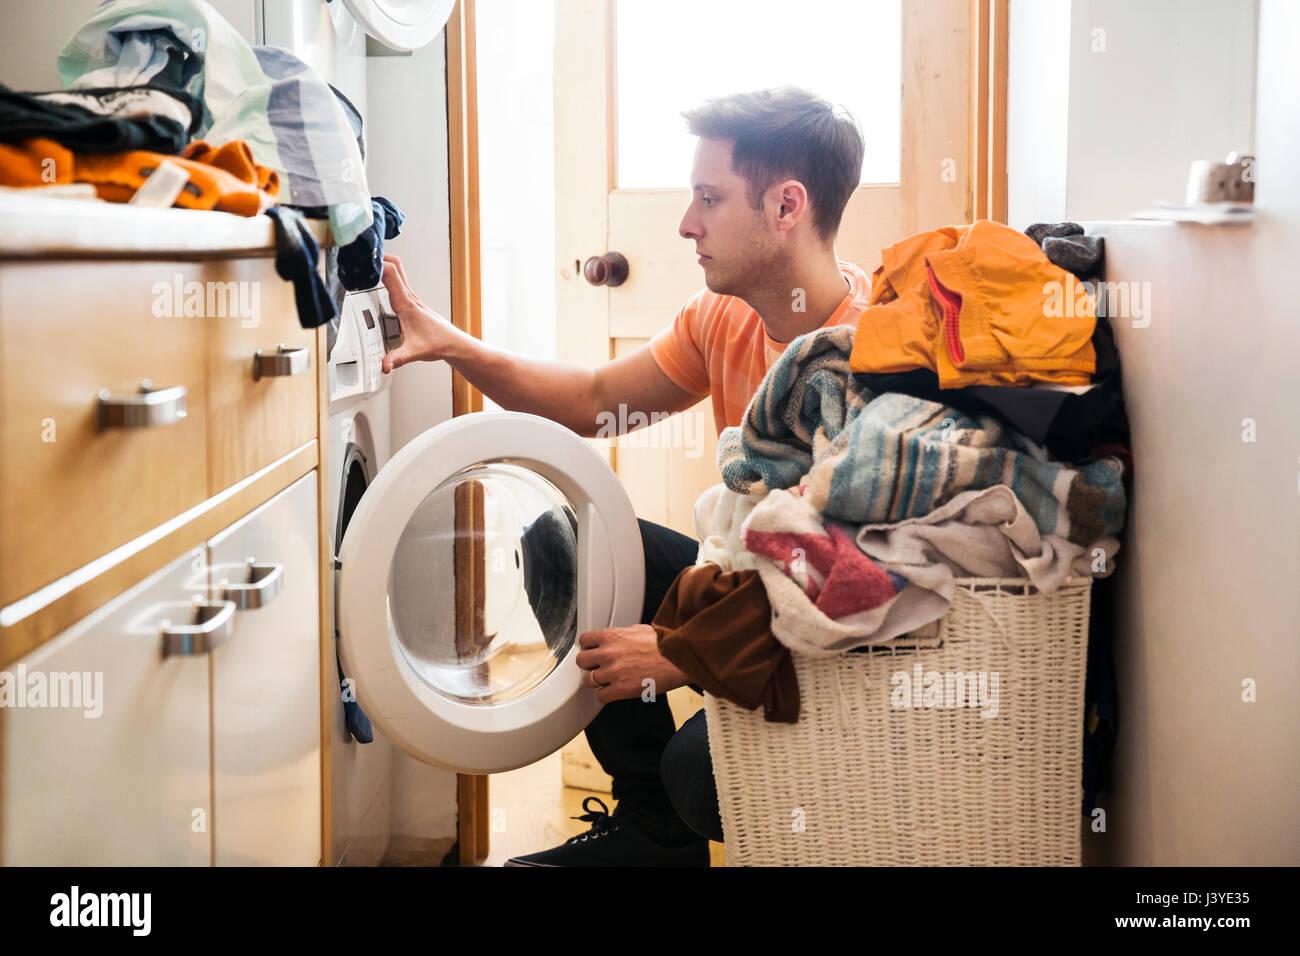 Hombre lavando ropa en casa Imagen De Stock